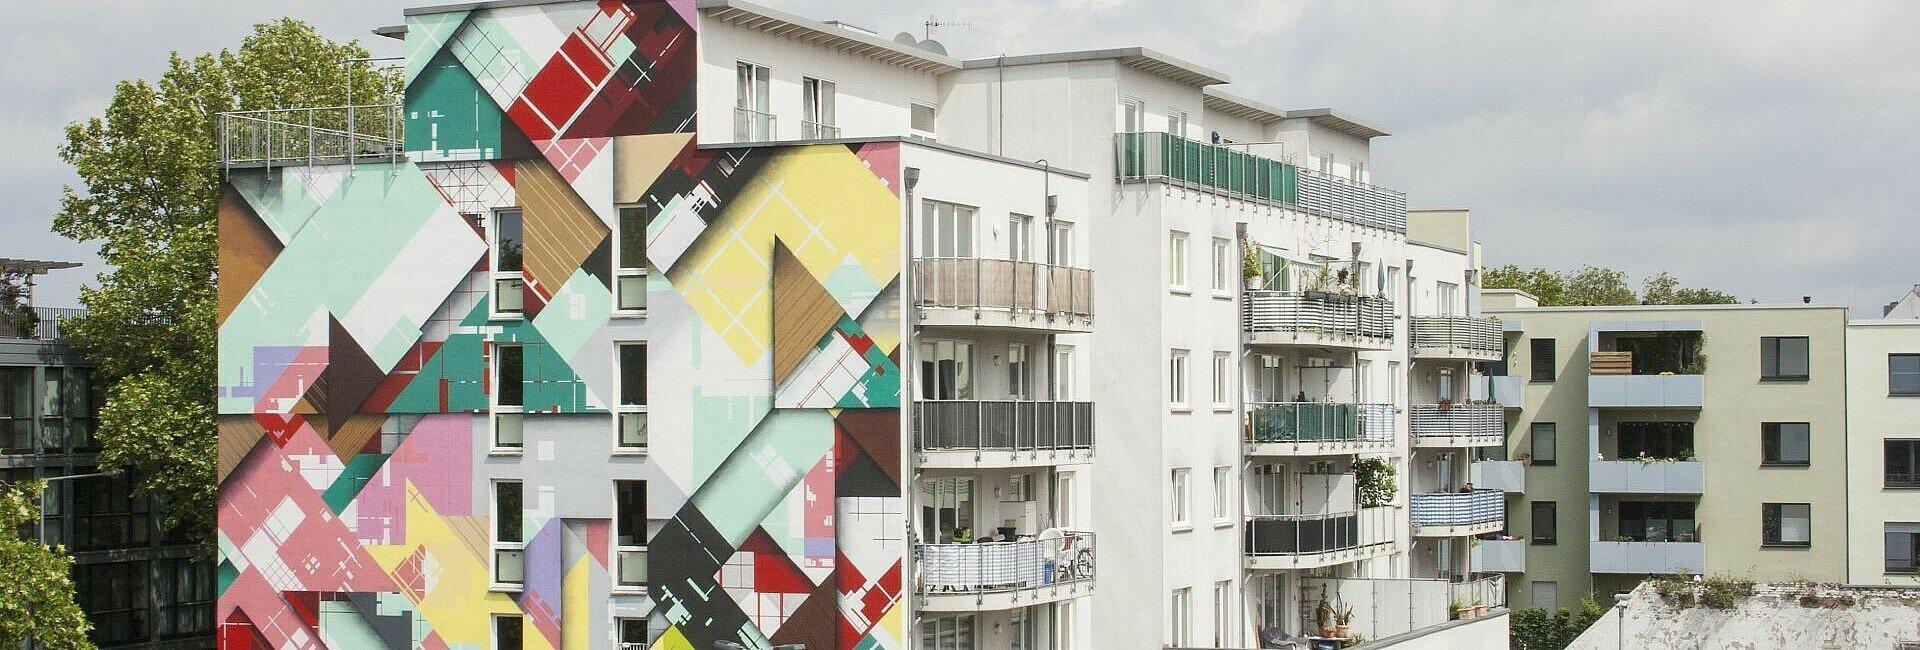 Mural von Zedz in Köln-Ehrenfeld an der Leyendeckerstraße